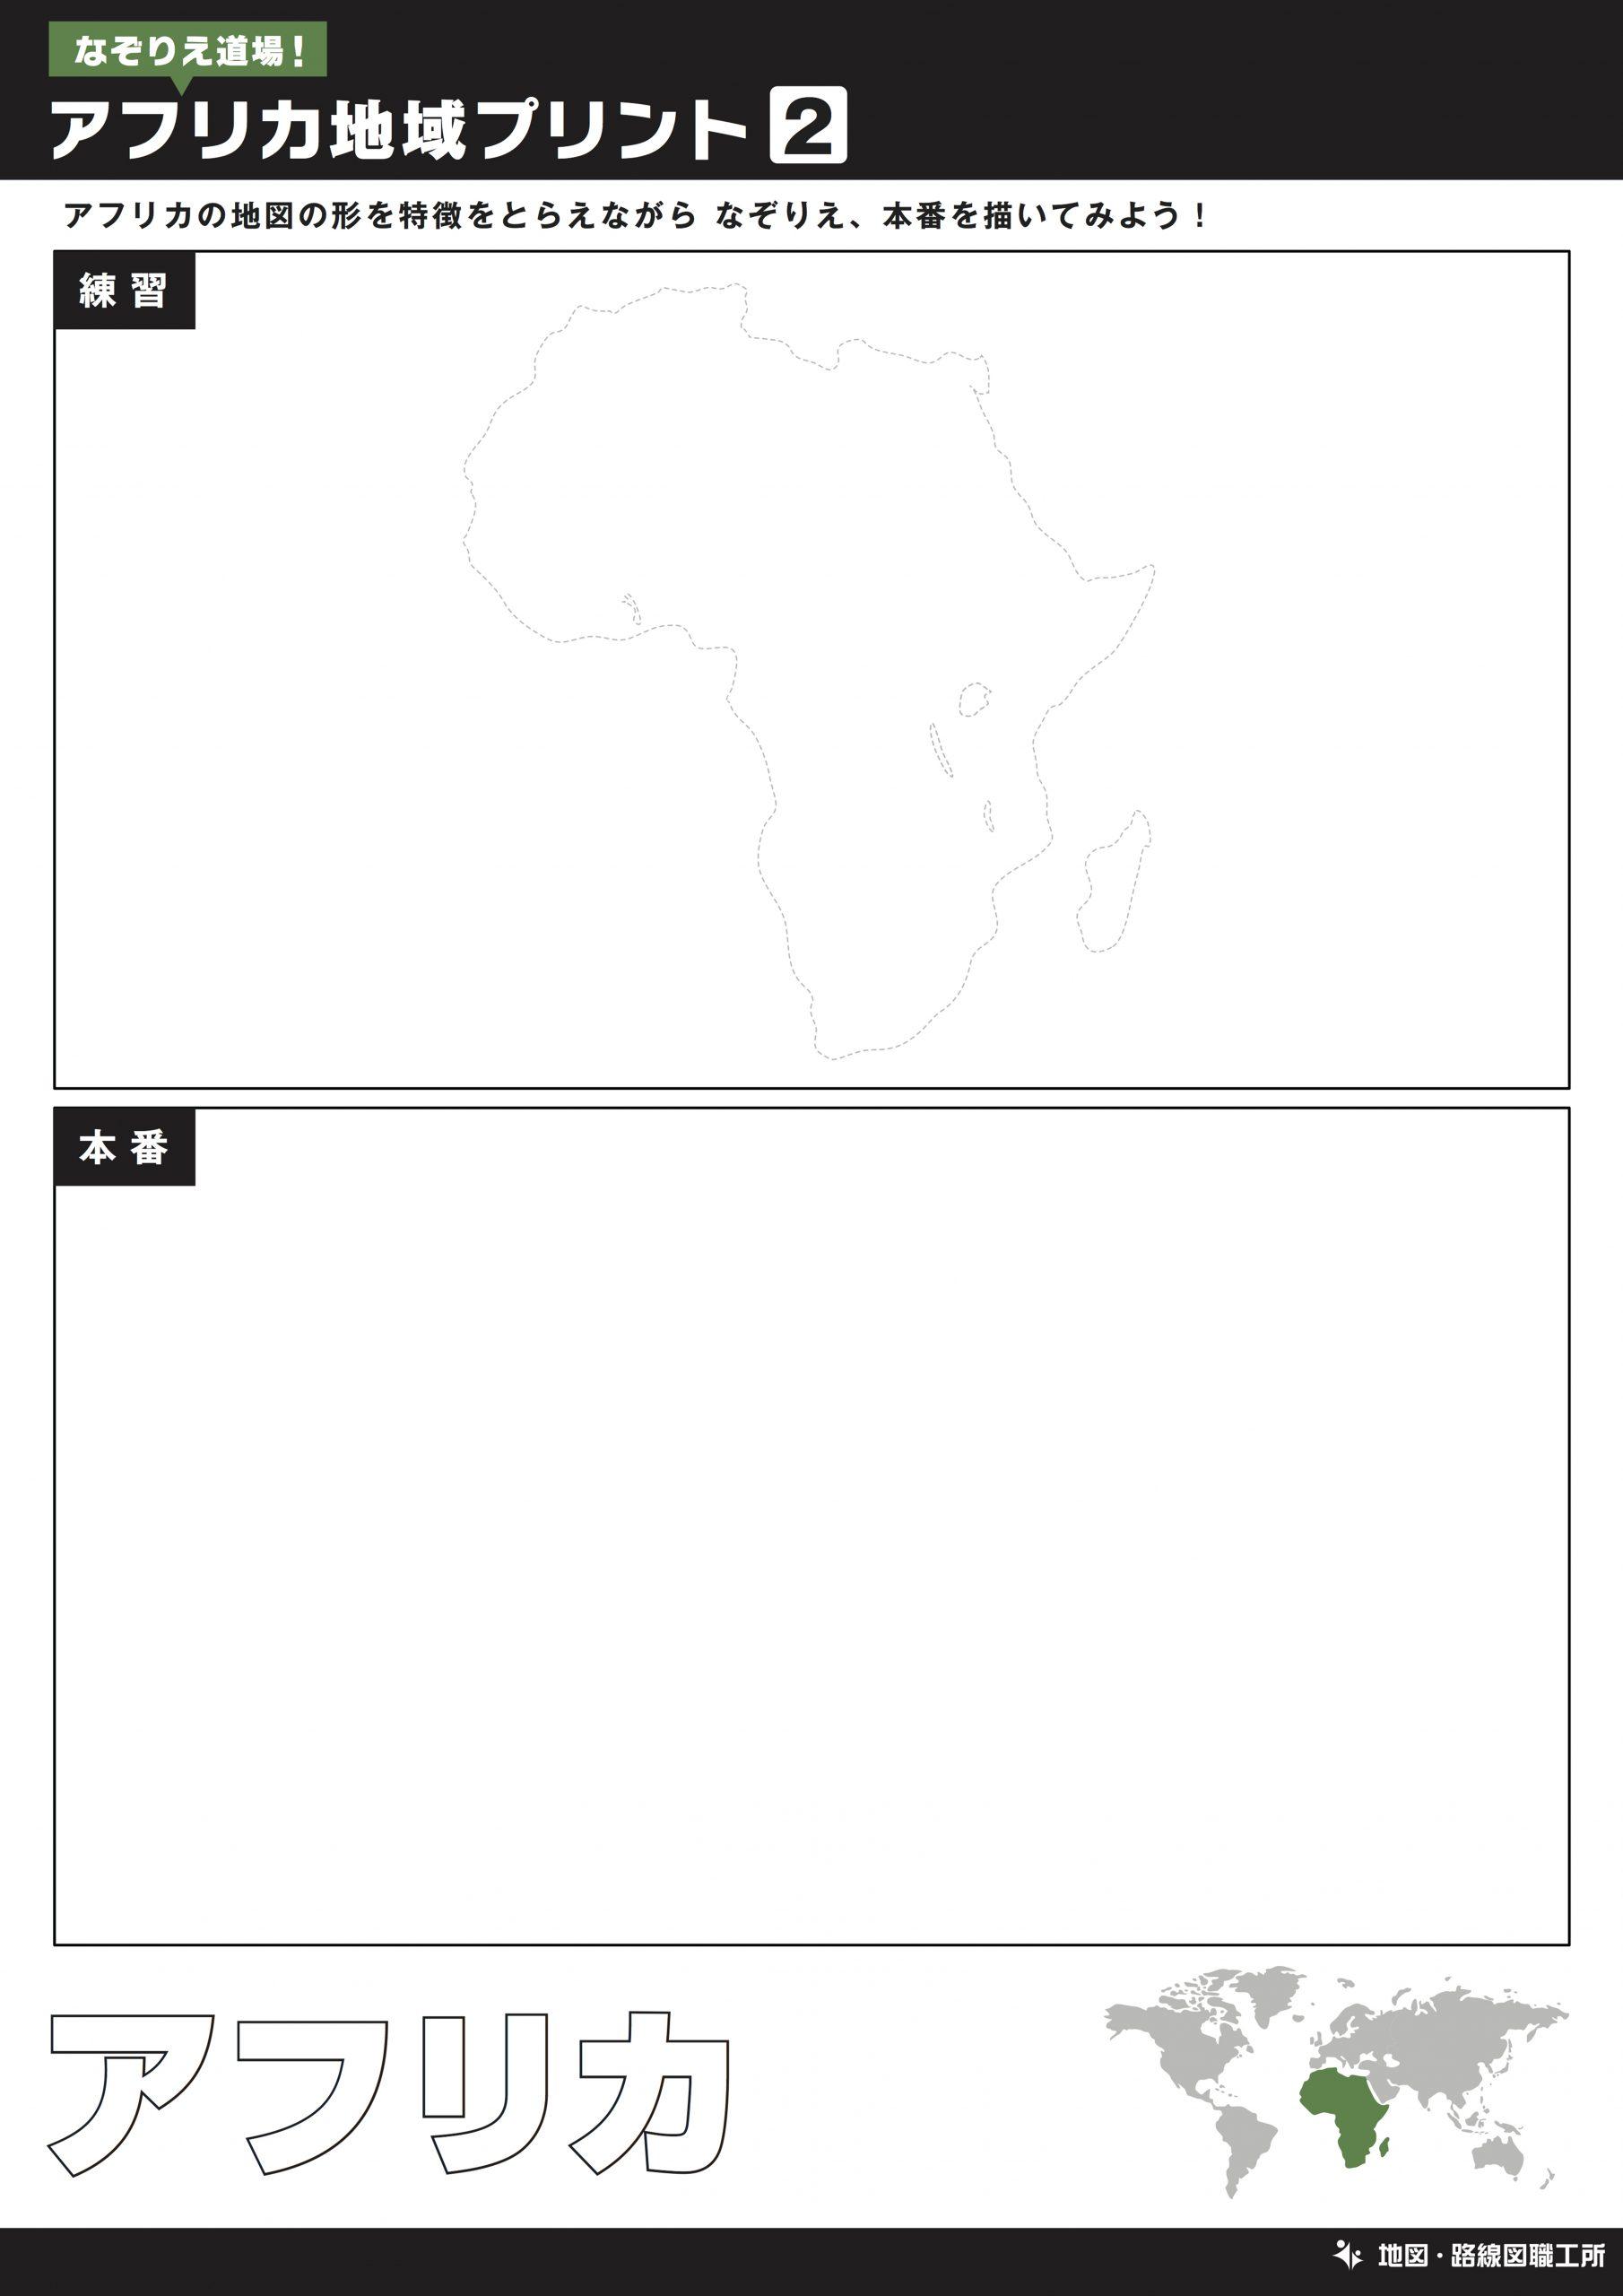 アフリカ地図をなぞって描く練習②